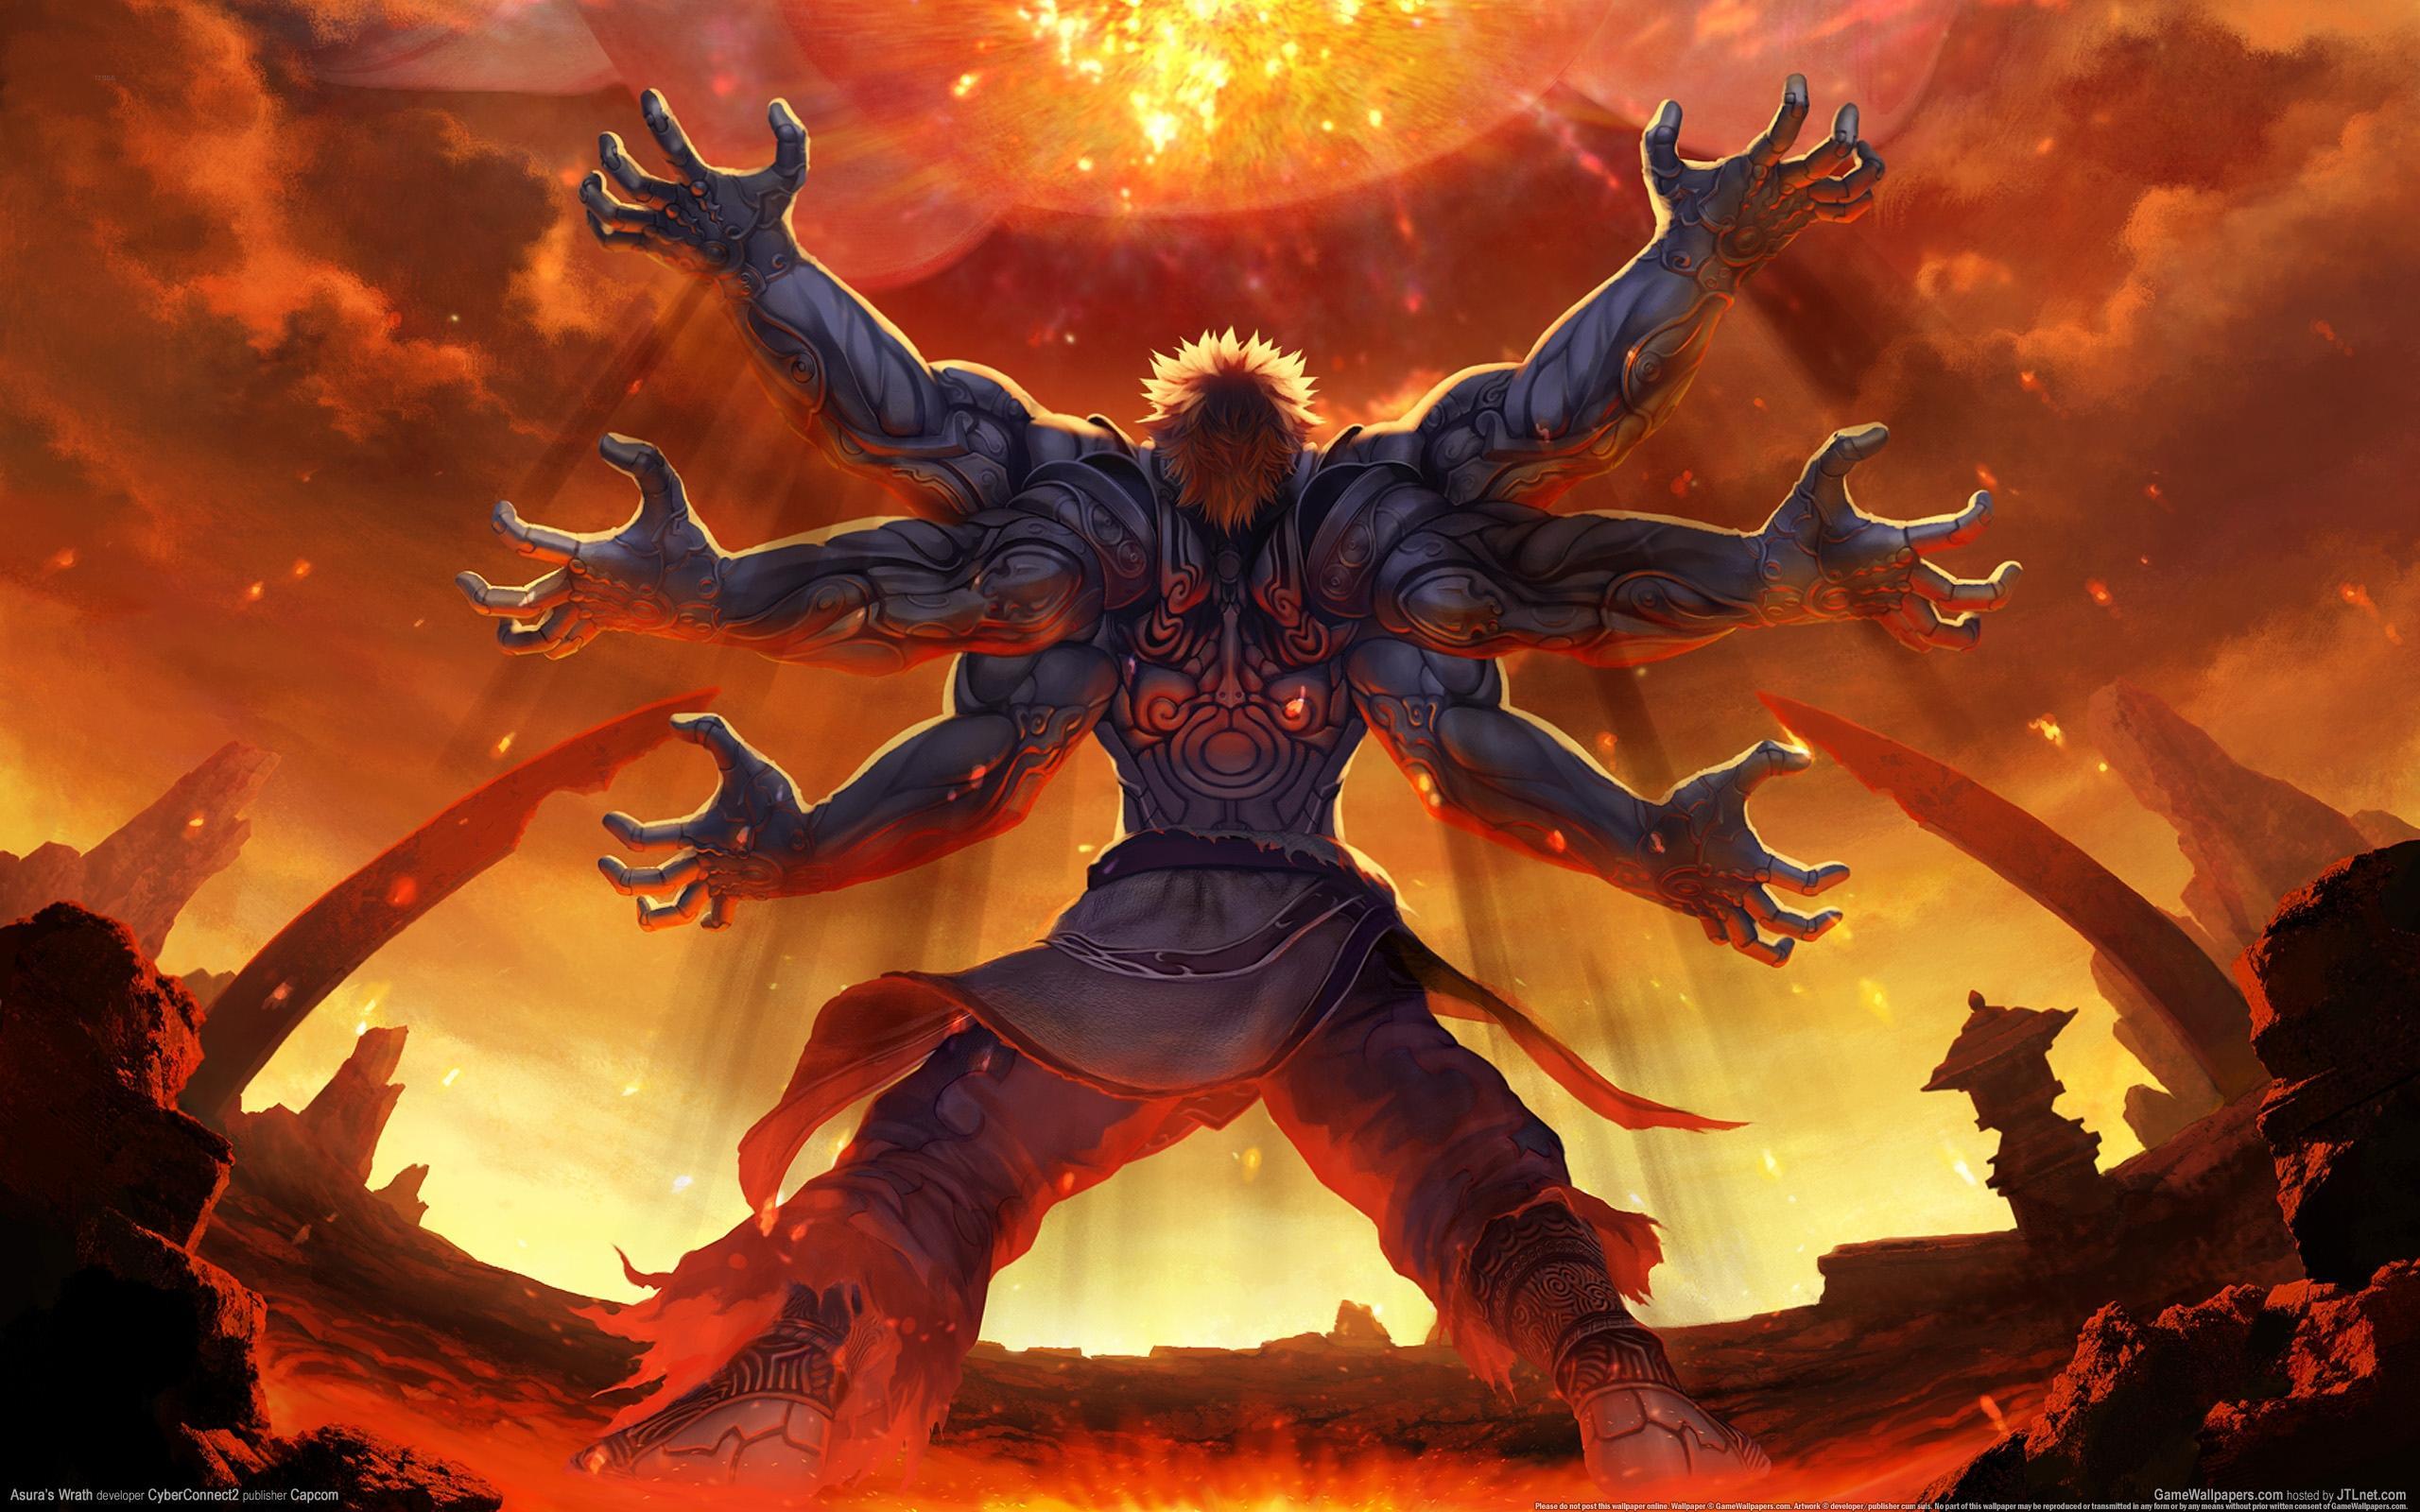 谁在电影,小说,游戏里看过三头六臂的人或怪物!或类似图片